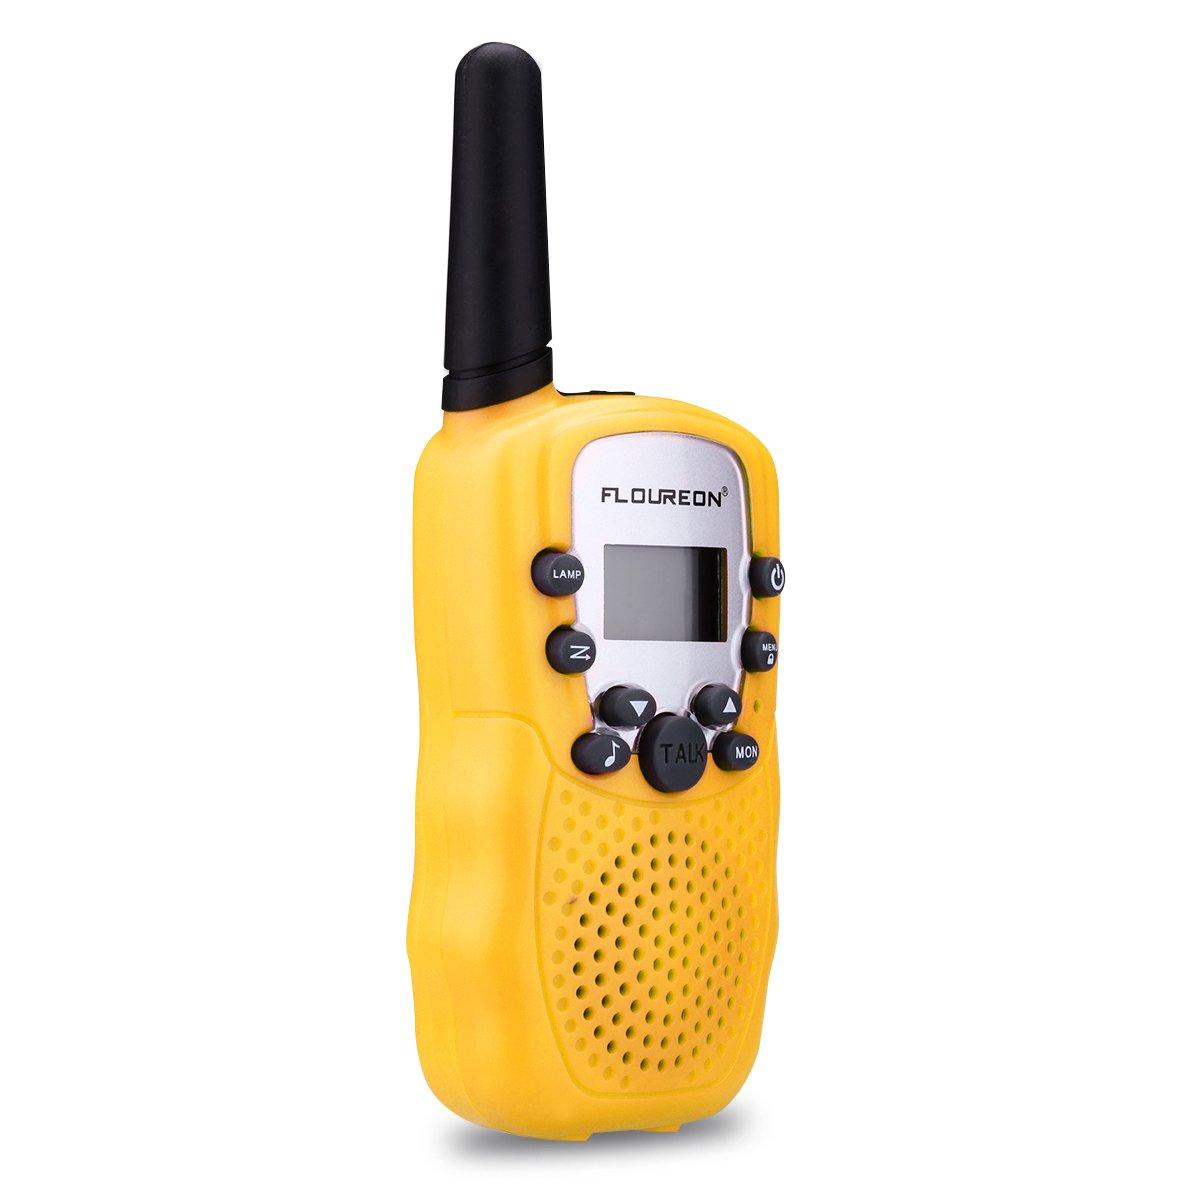 FLOUREON Walkie Talkies Niños 8 Canales, Radio bidireccional, Alcance hasta 3km, Pantalla LCD(Amarillo,1 Par)